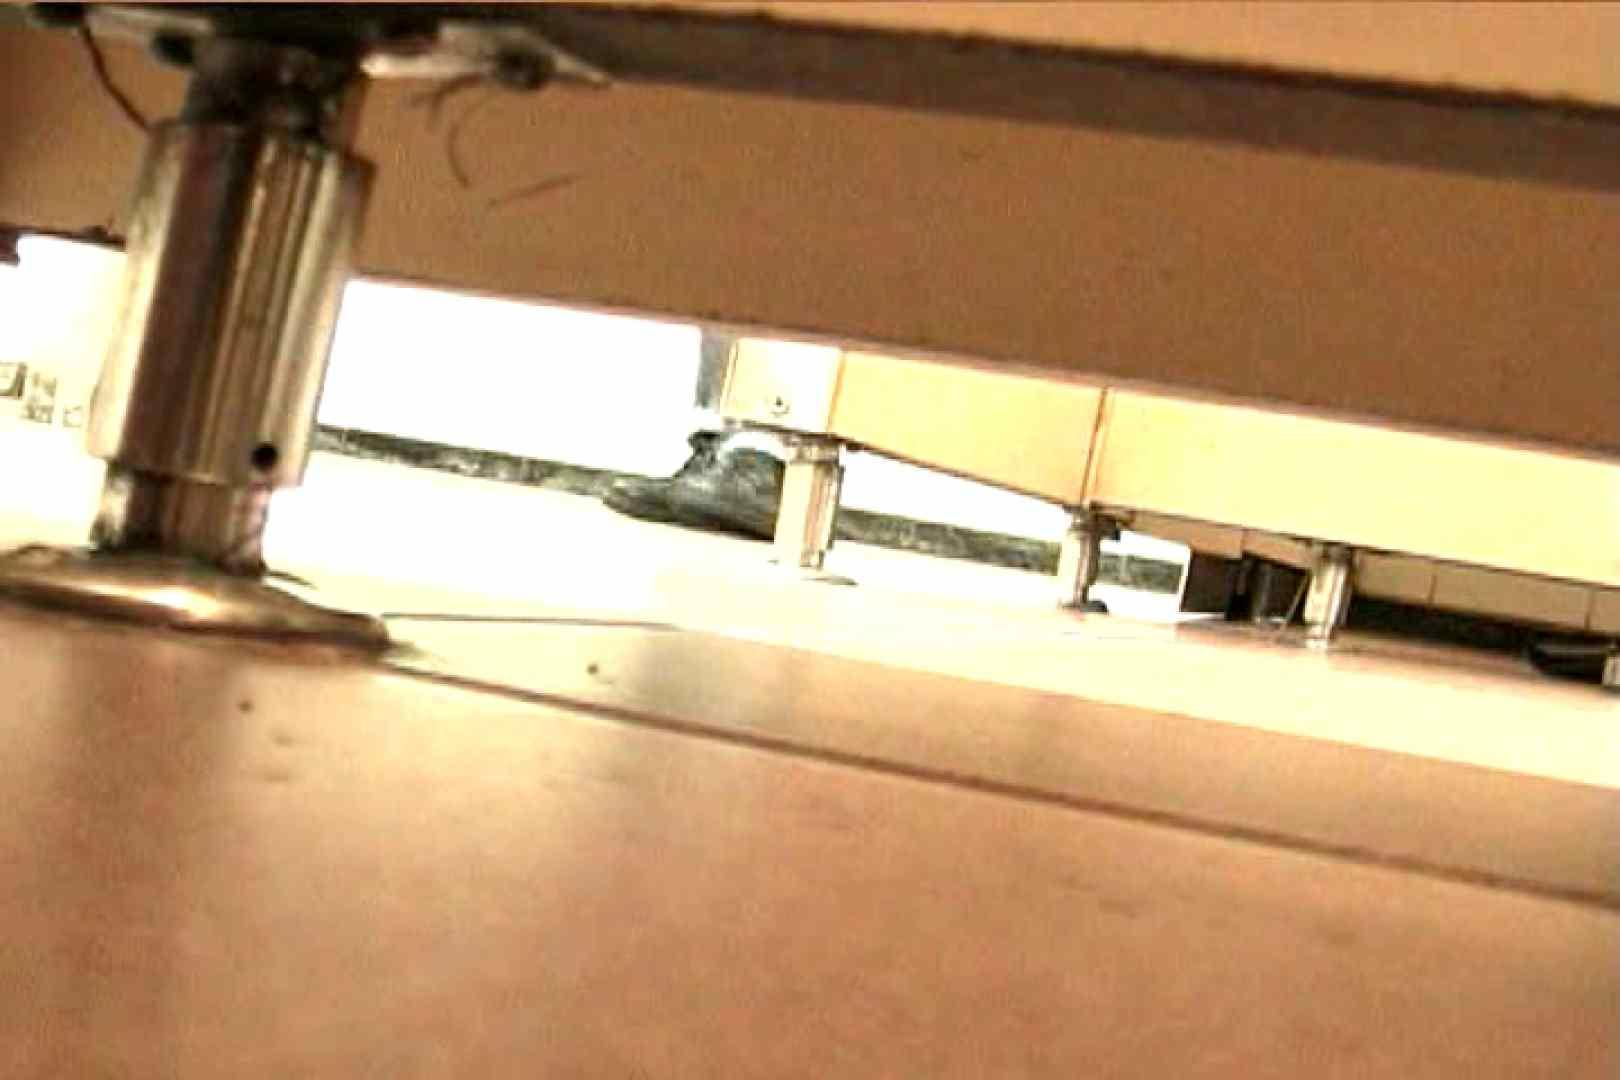 マンコ丸見え女子洗面所Vol.39 おまんこ無修正 オマンコ動画キャプチャ 103画像 35